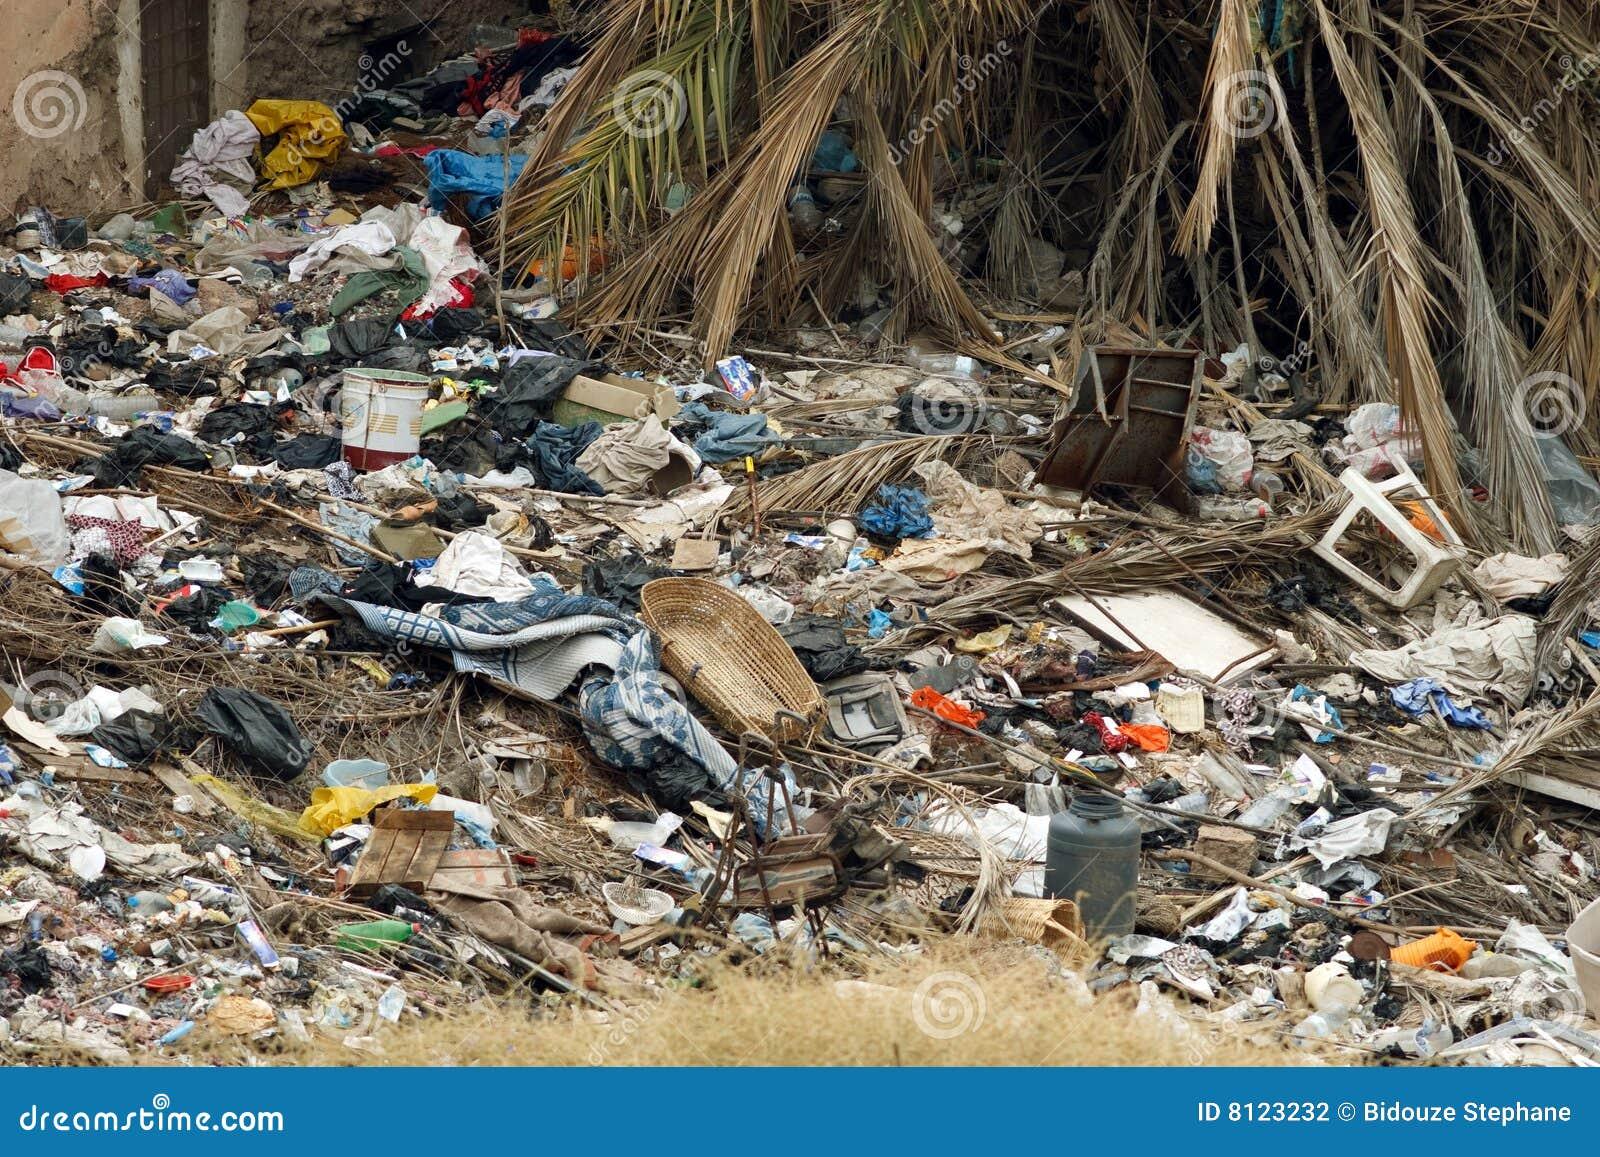 dirty environment